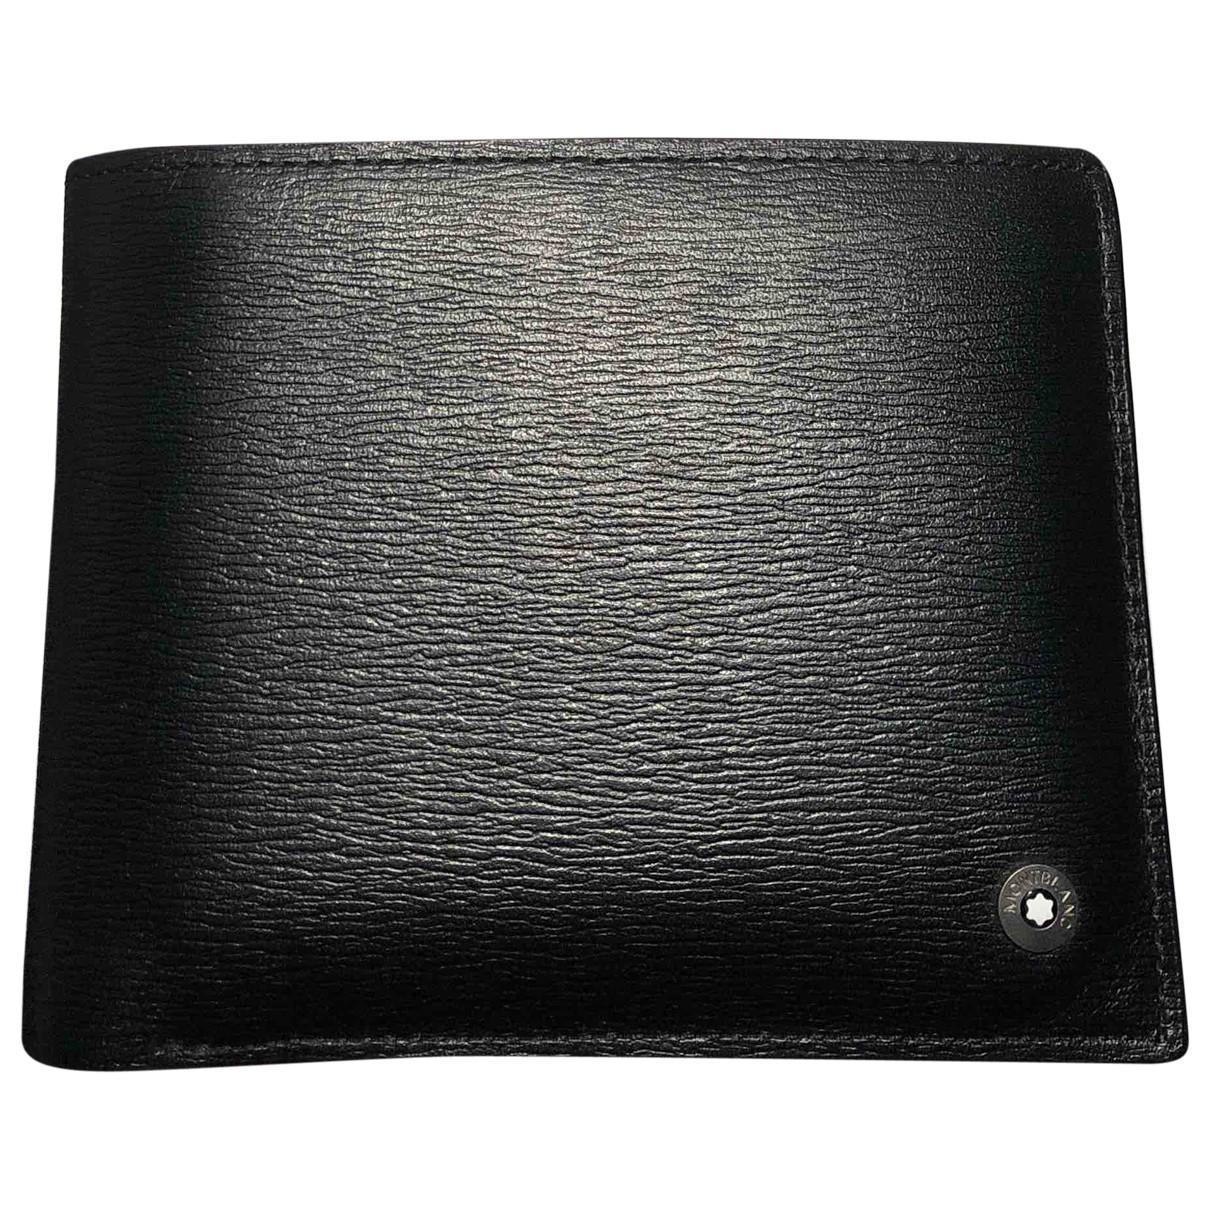 Montblanc - Petite maroquinerie   pour homme en cuir verni - noir